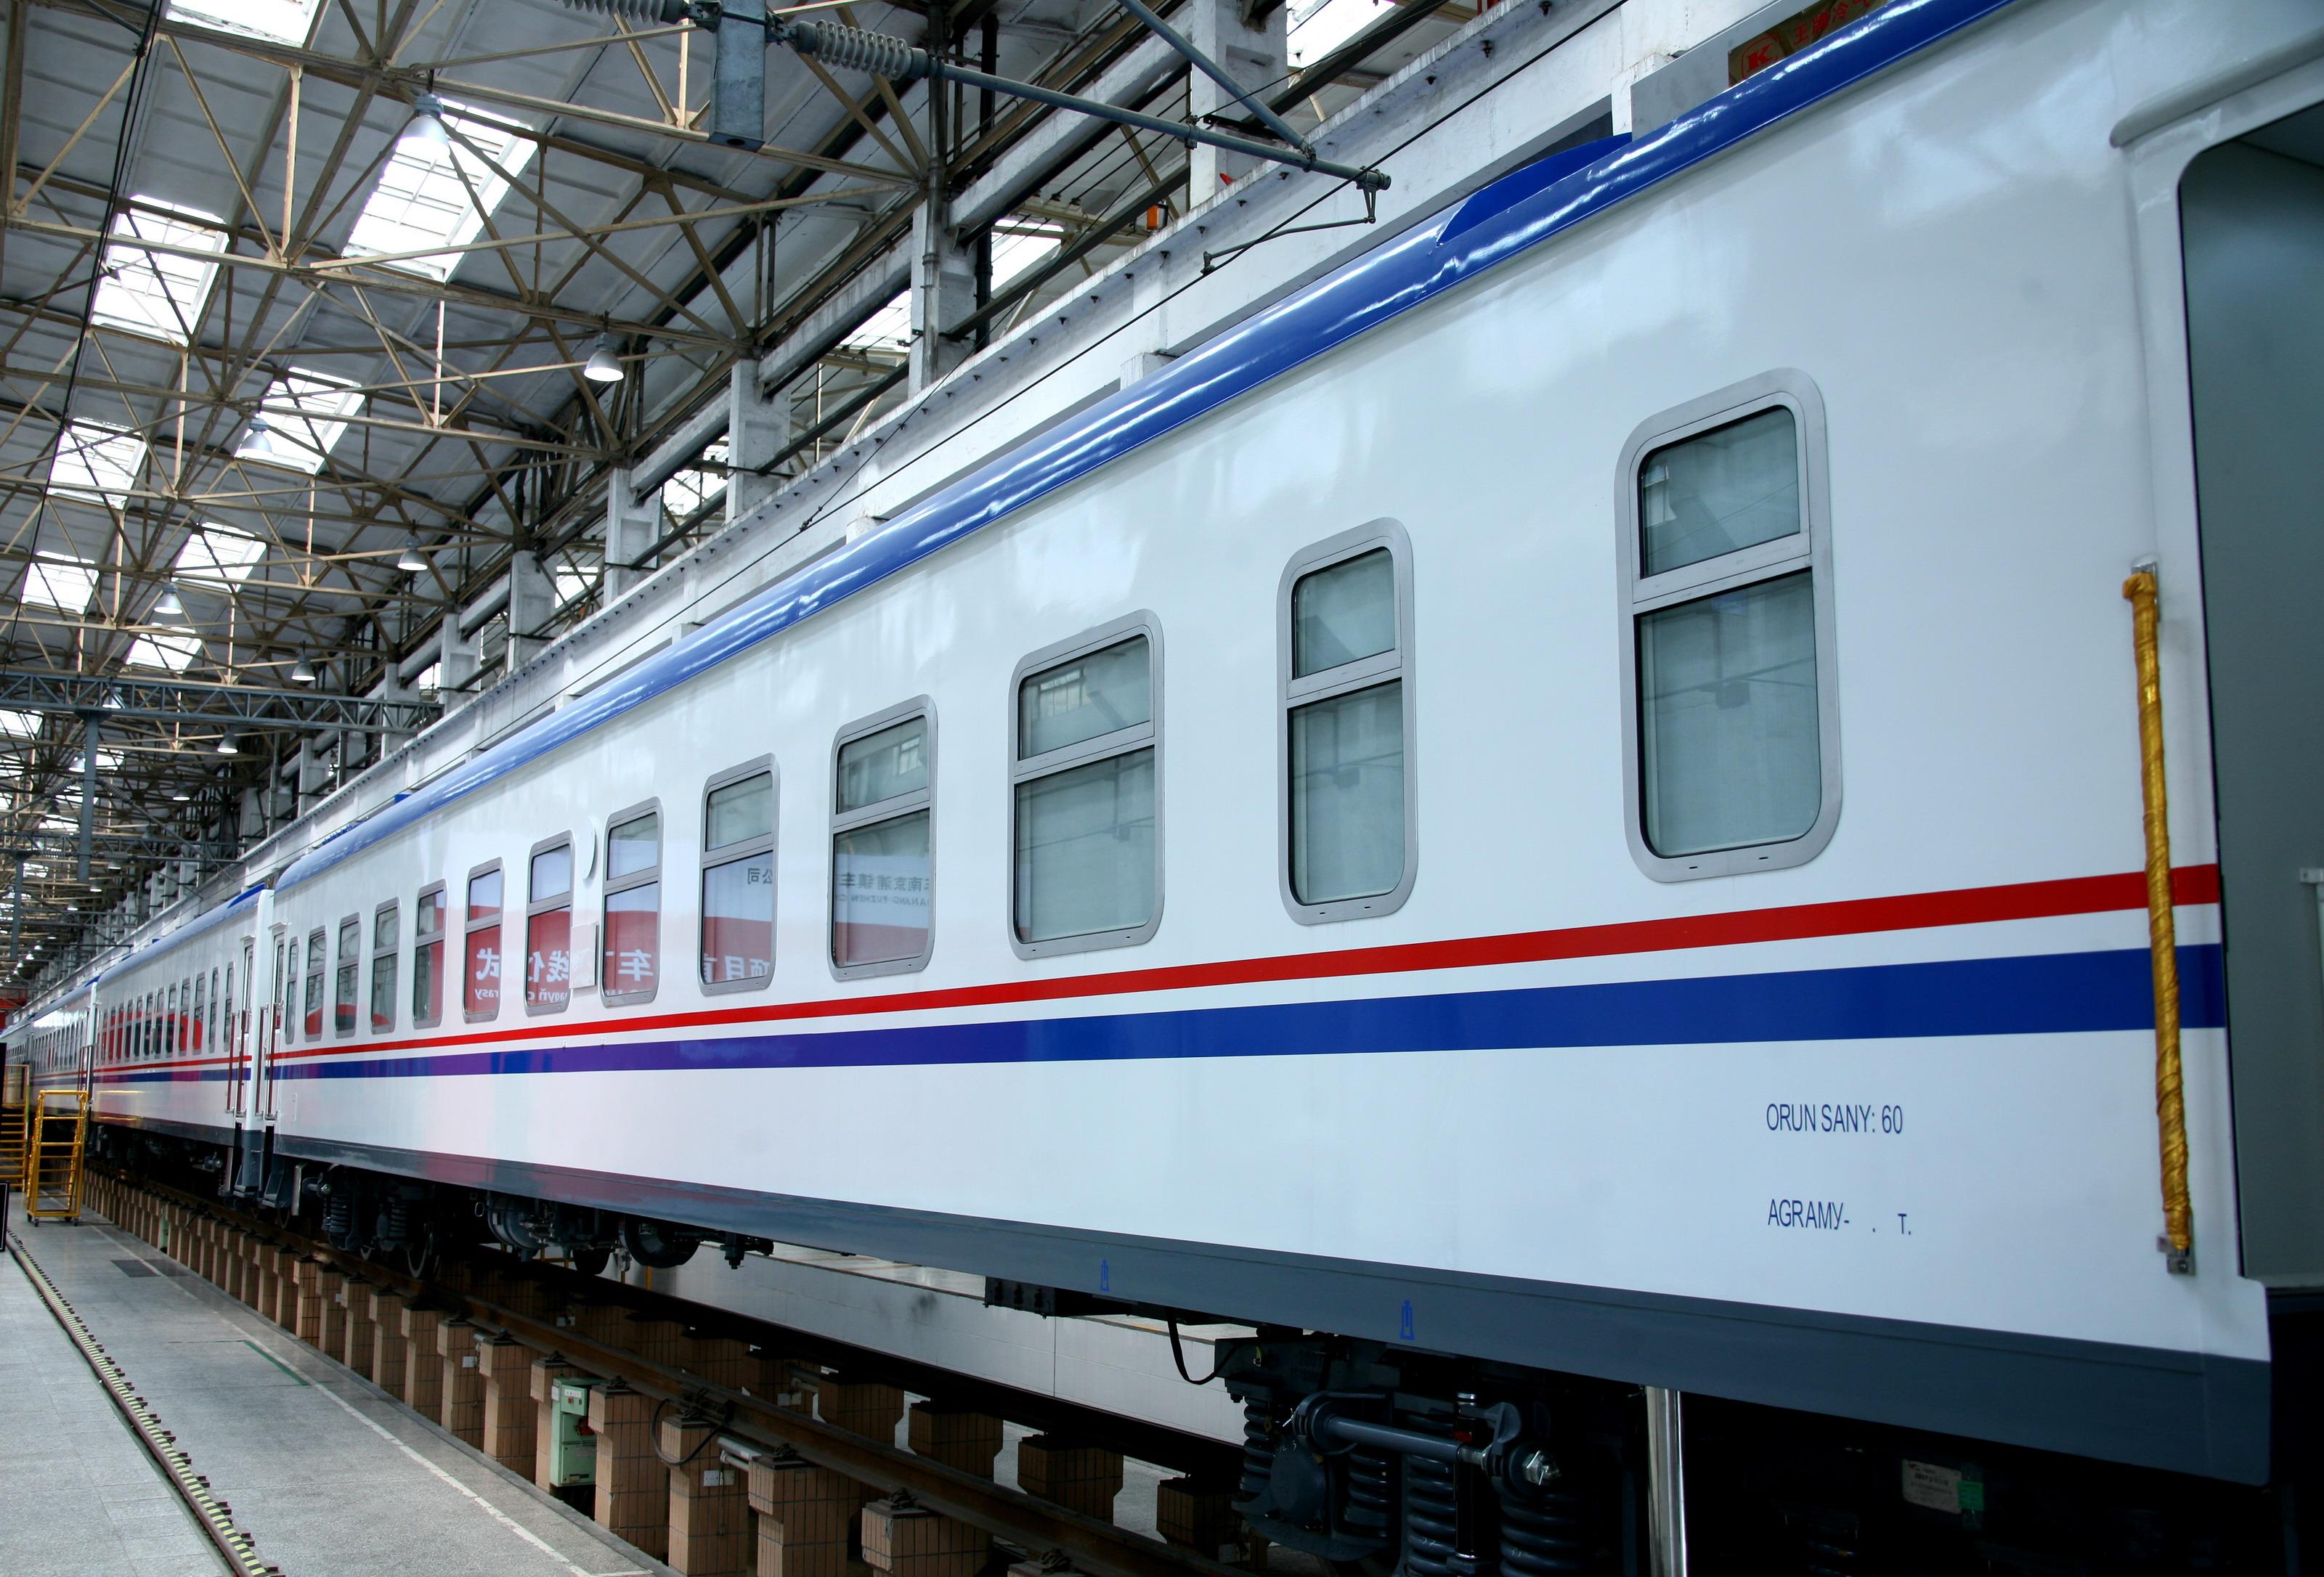 土库曼斯坦客车   中国证券网讯(记者 周桓)7月16日,一列白底镶嵌红、蓝色装饰带的时尚列车,缓缓驶出厂房,这是中国南车浦镇公司生产的土库曼斯坦铁路客车项目首列车顺利出厂。   中国证券网记者从中国南车了解到,土库曼斯坦客车项目合同于2013年1月31日签订,共10列154辆,从签订合同到实现首列交付,只用了5个半月时间,成为中国南车浦镇公司交付最快的出口项目。土库曼斯坦客车项目包括硬卧车、软卧车、发电车、餐车、行李车5个品种。该项目车辆为1520mm的宽轨转向架,车辆上体按照土方的要求进行全新的设计